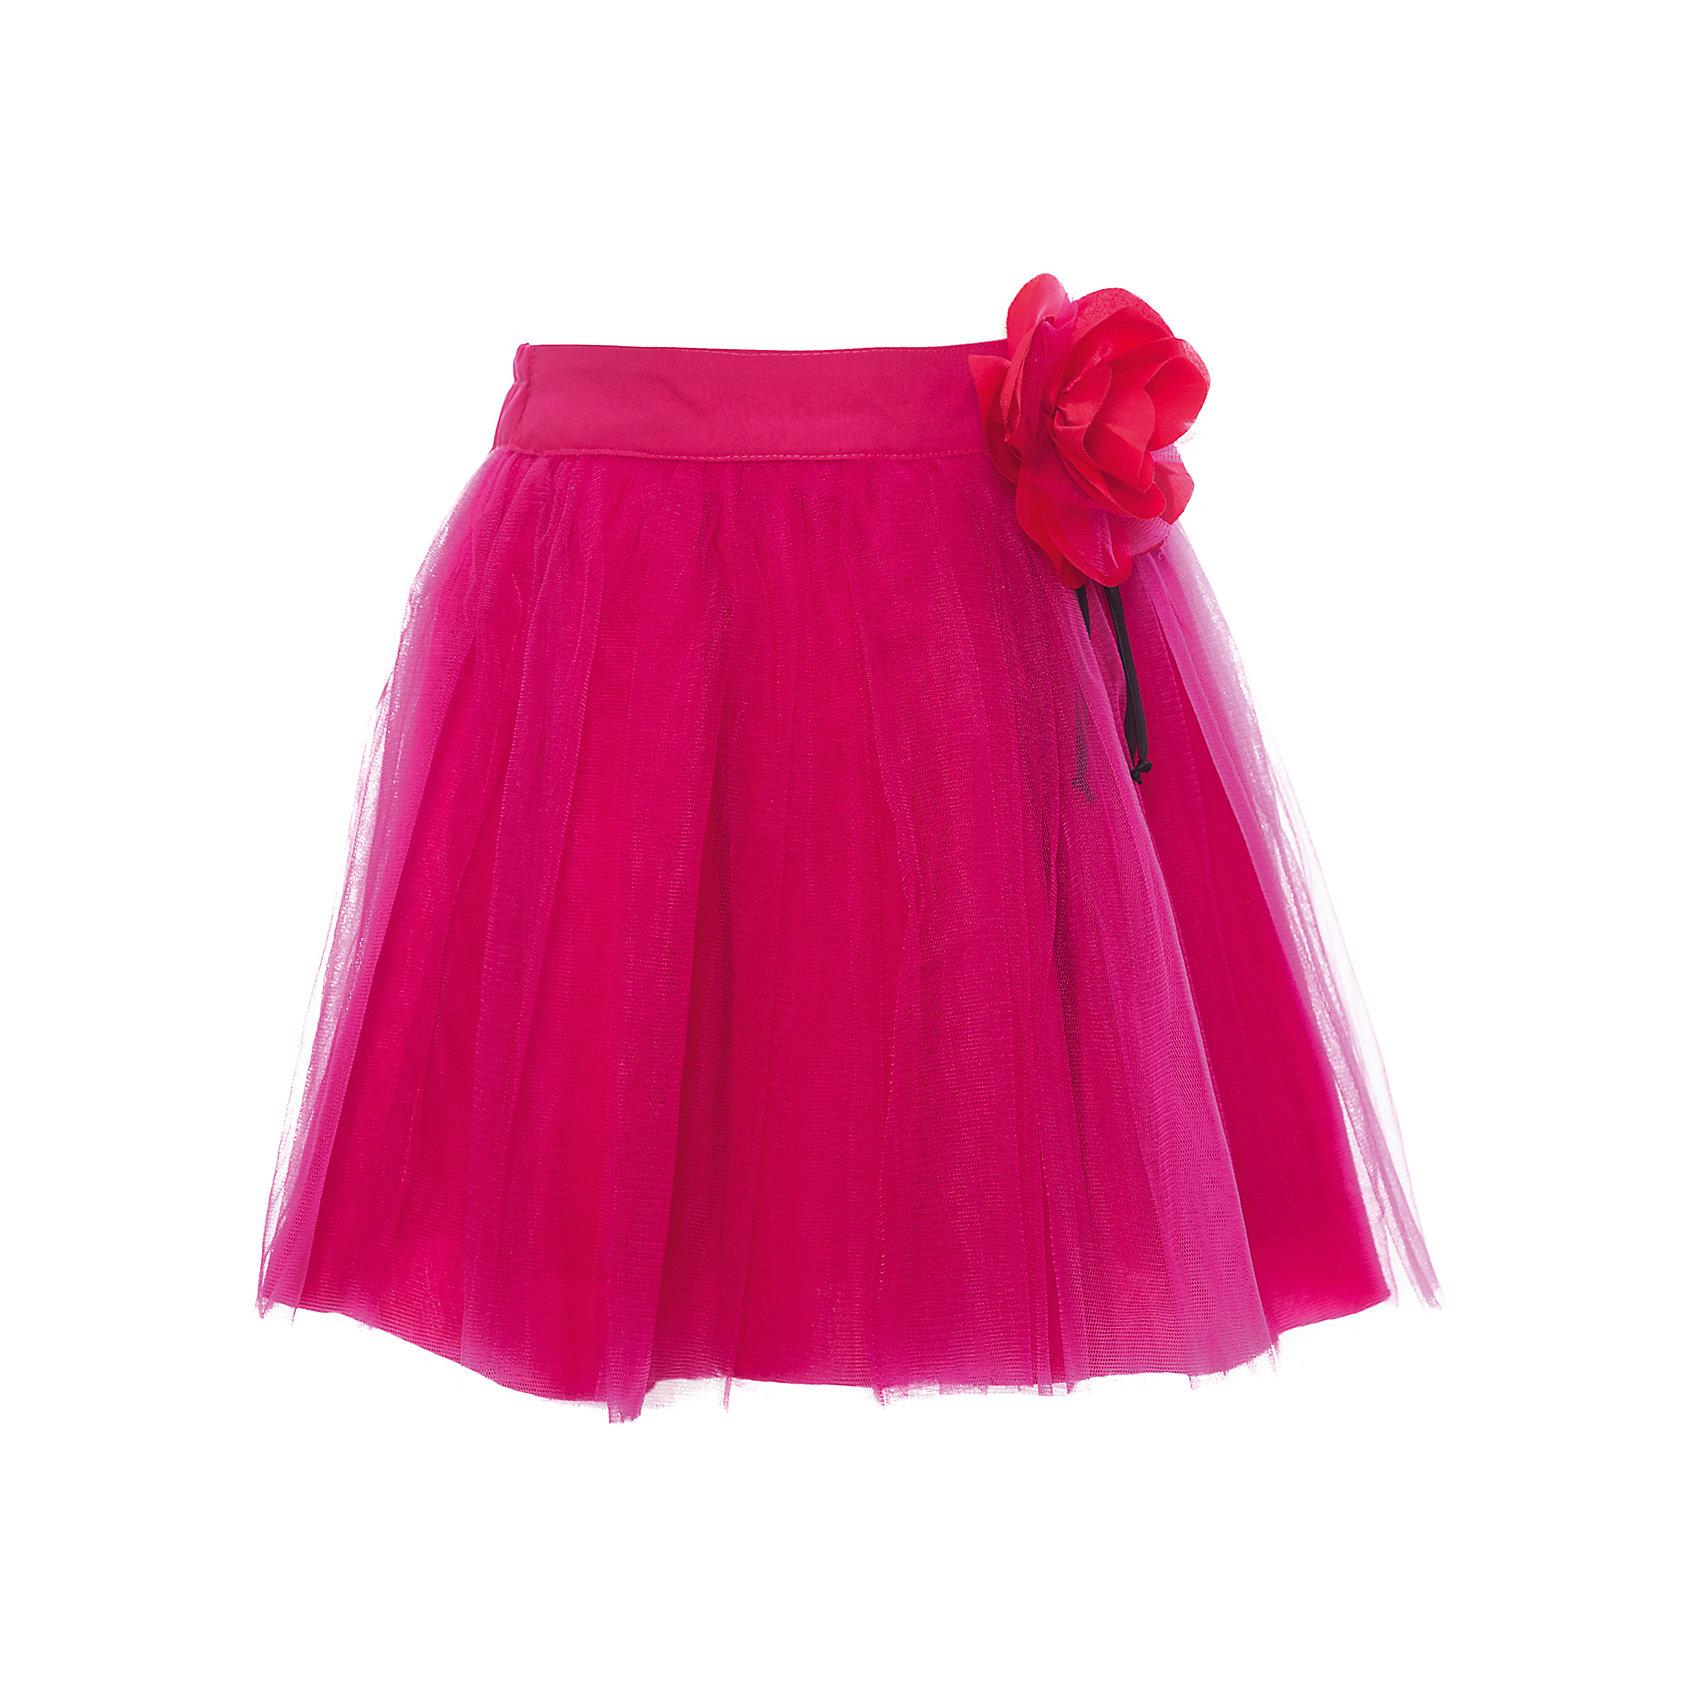 Юбка для девочки WojcikЮбки<br>Характеристики товара:<br><br>• цвет: розовый<br>• состав ткани: полиэстер<br>• пояс: резинка<br>• сезон: лето<br>• страна бренда: Польша<br>• страна изготовитель: Польша<br><br>Данная модель одежды для лета сделана из натурального материала, есть подкладка. Розовая юбка для девочки Wojcik - удобная и модная летняя одежда. <br><br>Эта пышная юбка для девочки Войчик отличается модным кроем, пышным силуэтом. Польская одежда для детей от бренда Войчик - это качественные и стильные вещи.<br><br>Юбку для девочки Wojcik (Войчик) можно купить в нашем интернет-магазине.<br><br>Ширина мм: 207<br>Глубина мм: 10<br>Высота мм: 189<br>Вес г: 183<br>Цвет: темно-розовый<br>Возраст от месяцев: 132<br>Возраст до месяцев: 144<br>Пол: Женский<br>Возраст: Детский<br>Размер: 152,158,134,140,146<br>SKU: 5589698